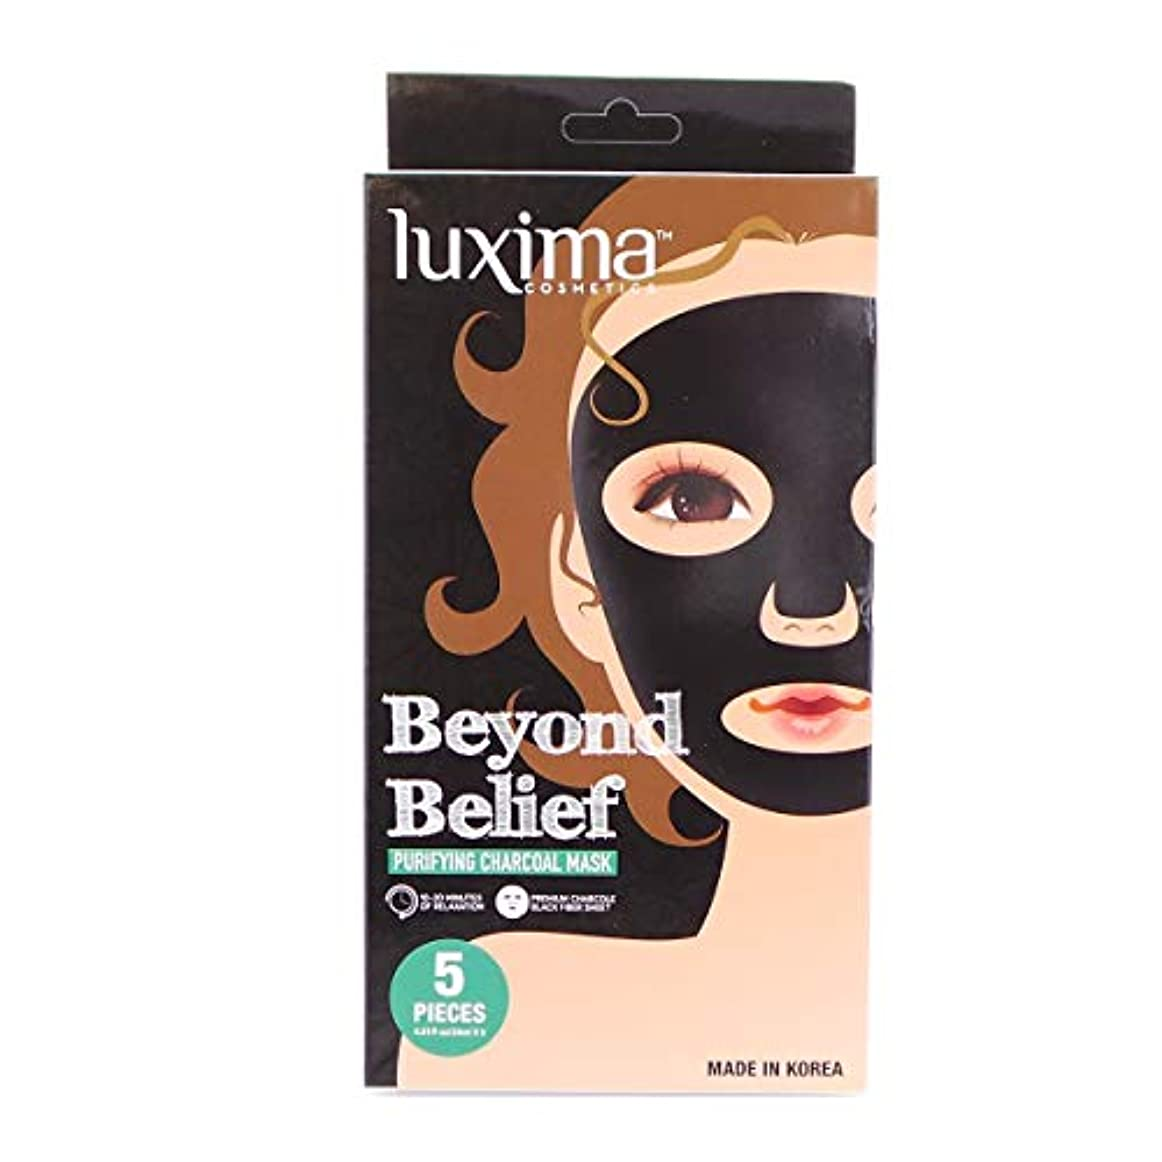 整理するズームインする最適(6 Pack) LUXIMA Beyond Belief Purifying Charcoal Mask, Pack of 5 (並行輸入品)